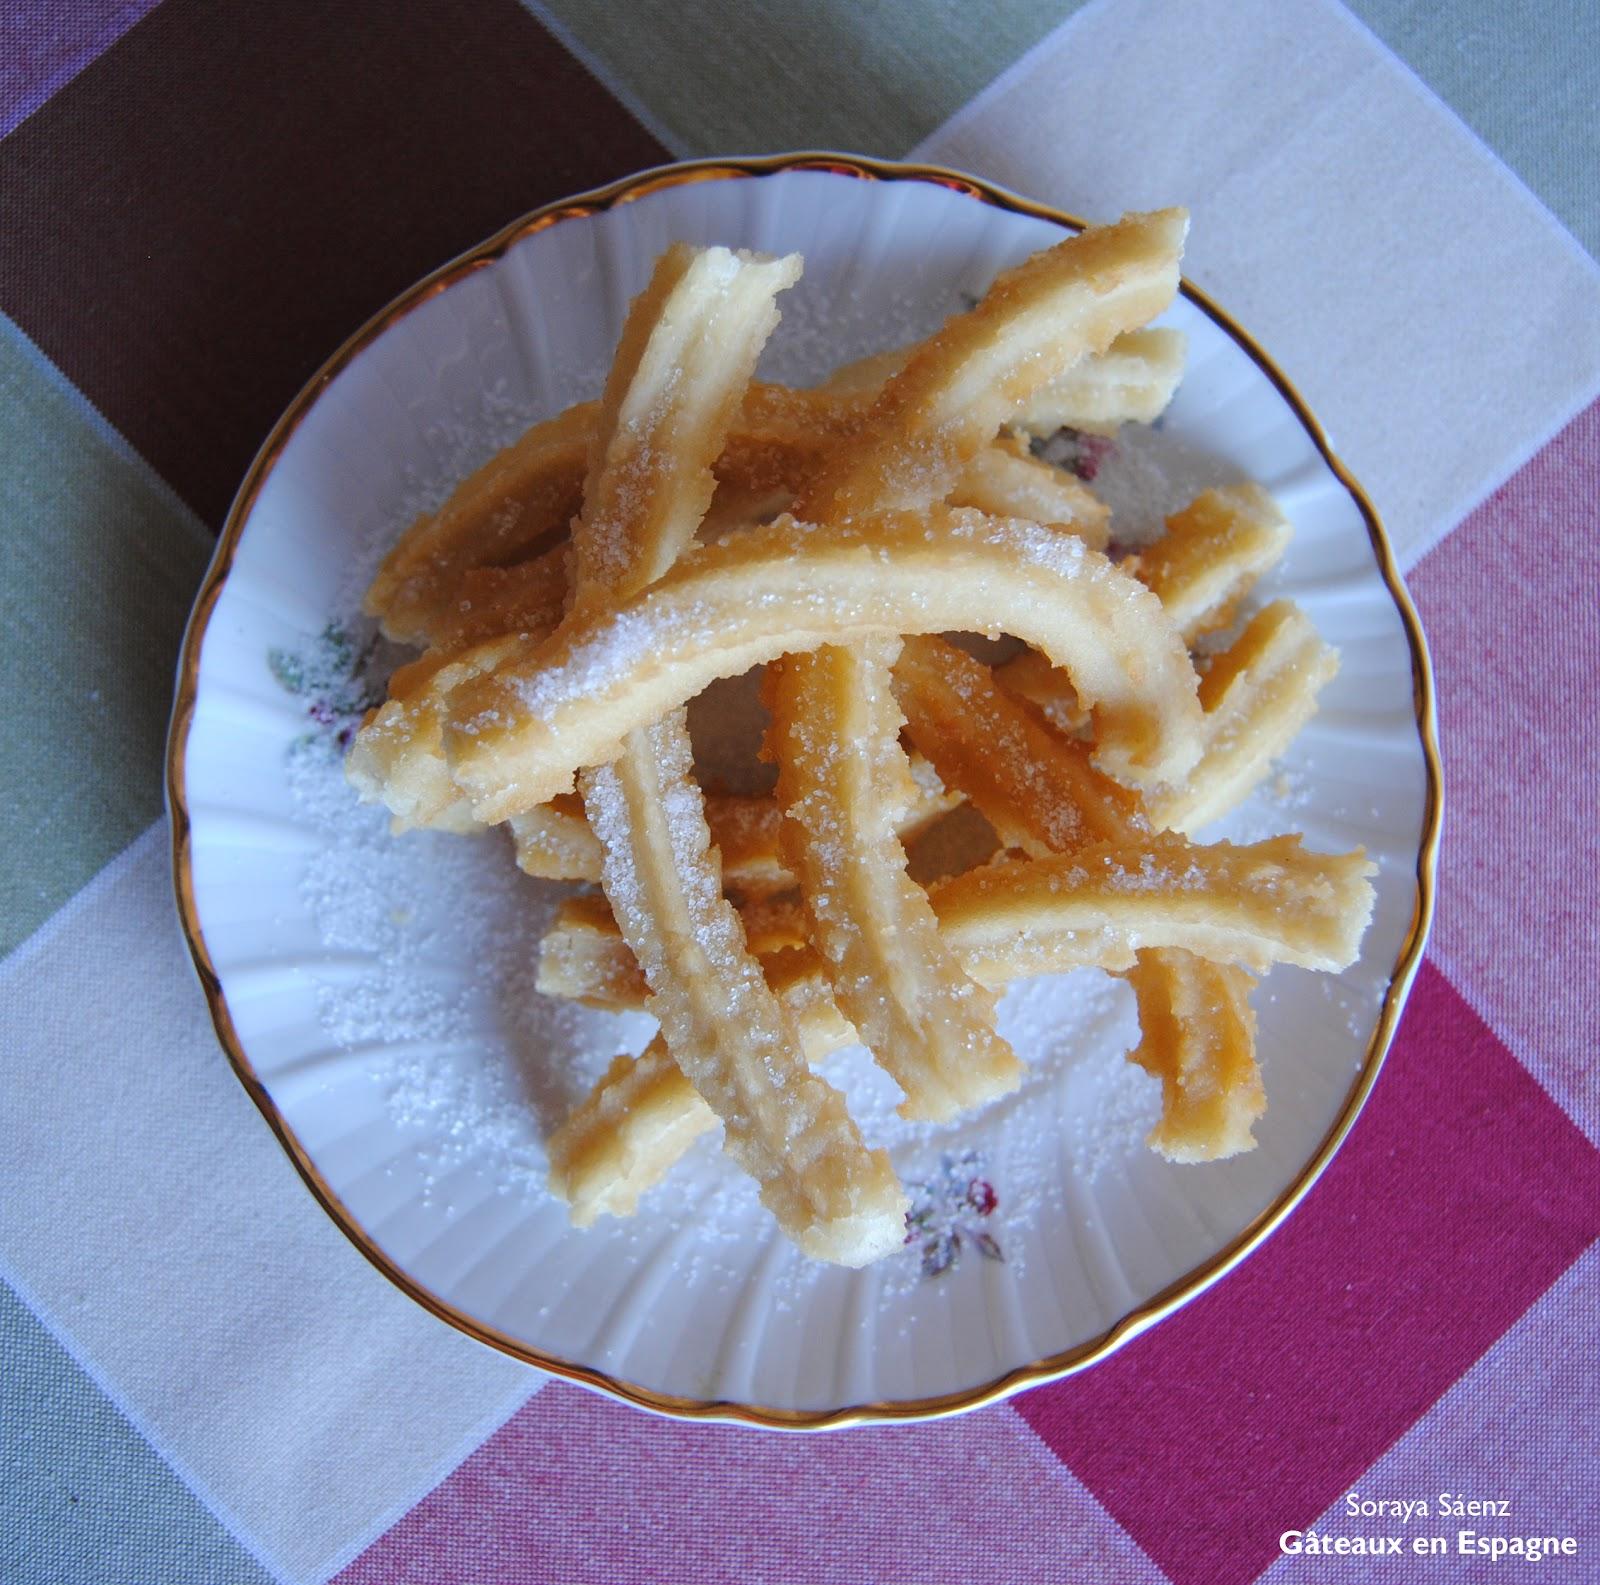 G teaux en espagne churros le petit d jeuner espagnol pour les dimanches - Gateau pour le petit dejeuner ...